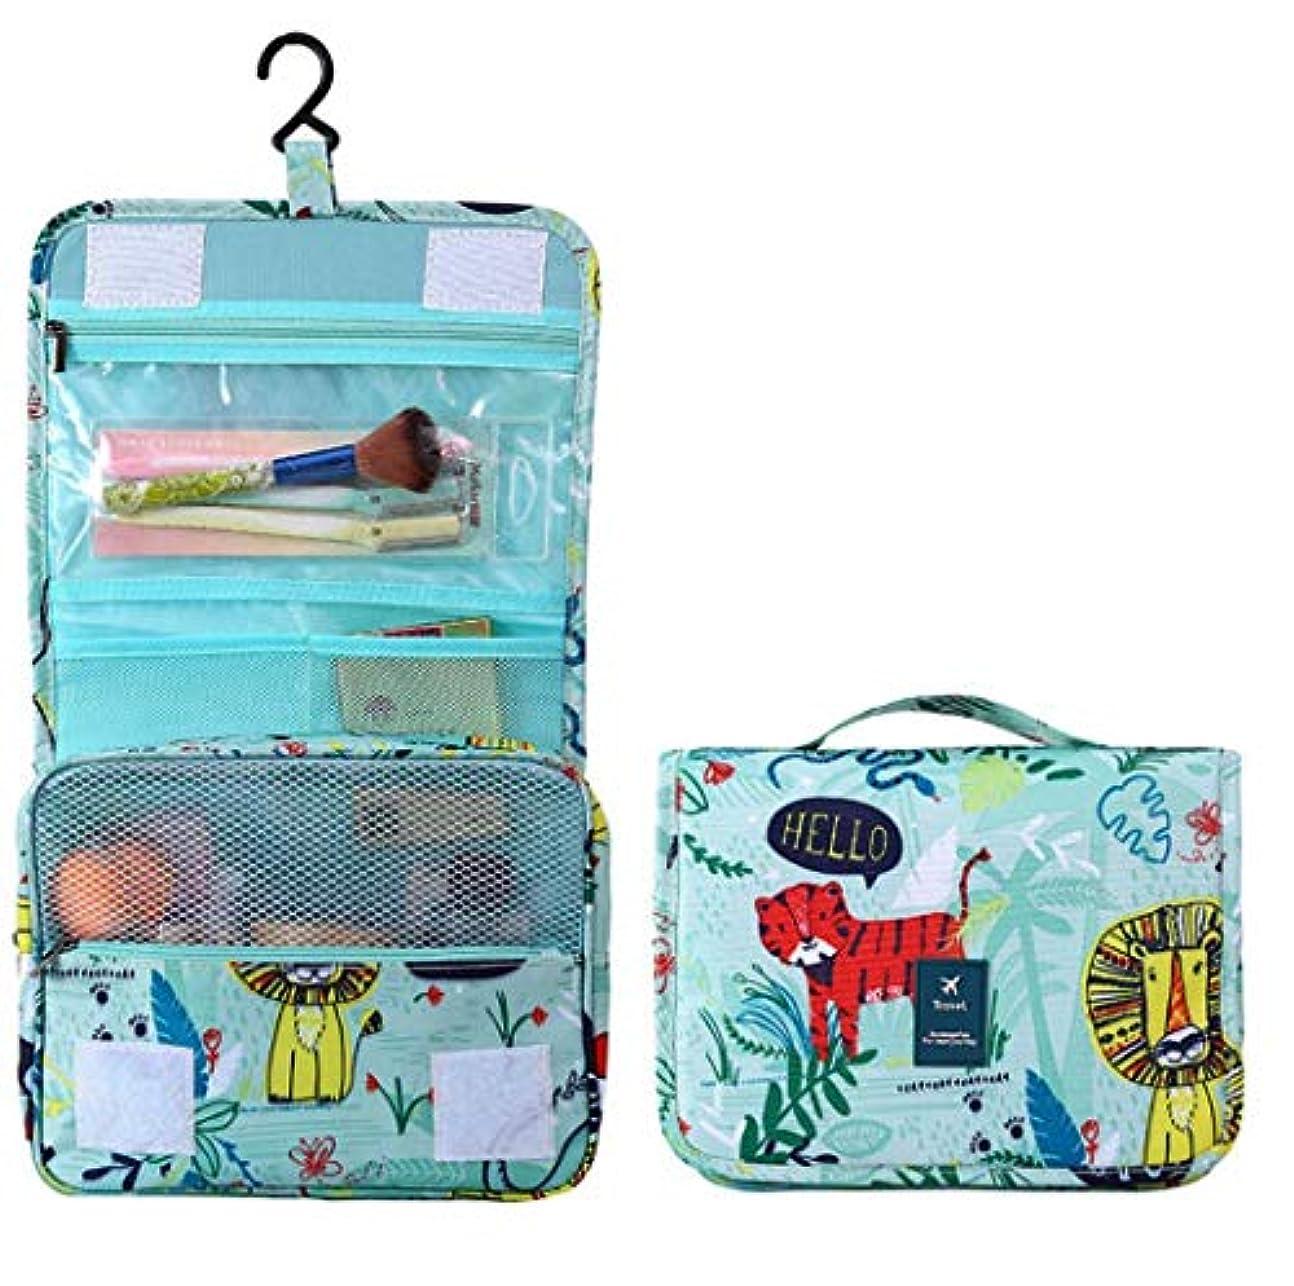 六目立つ批判的化粧品袋、ウォッシュバッグ、トラベルバッグ、洗顔、収納、浴室収納バッグ、ぶら下げ、小物、収納、パッキングバッグ、旅行、海外、旅行用品、育児用品